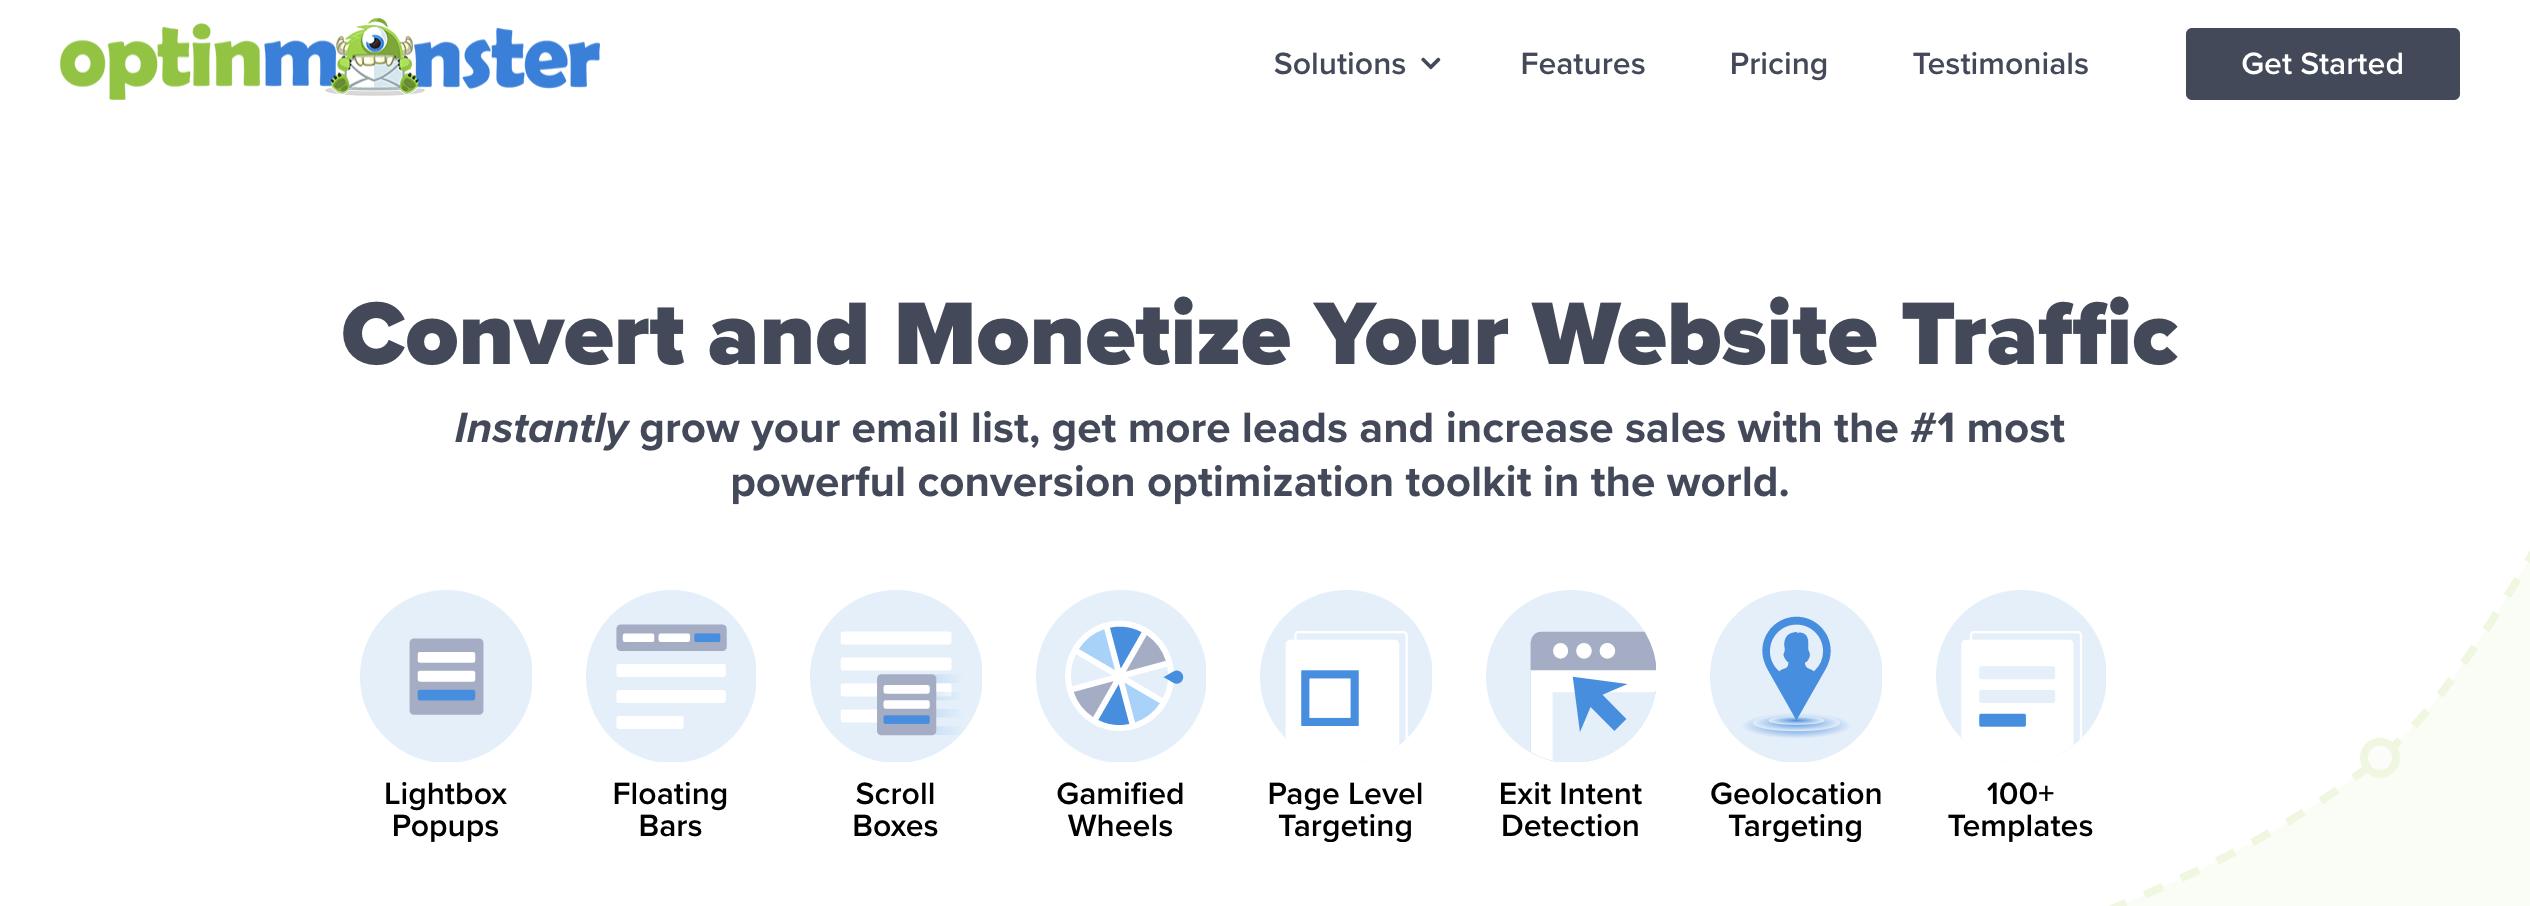 OptinMonster WooCommerce plugins